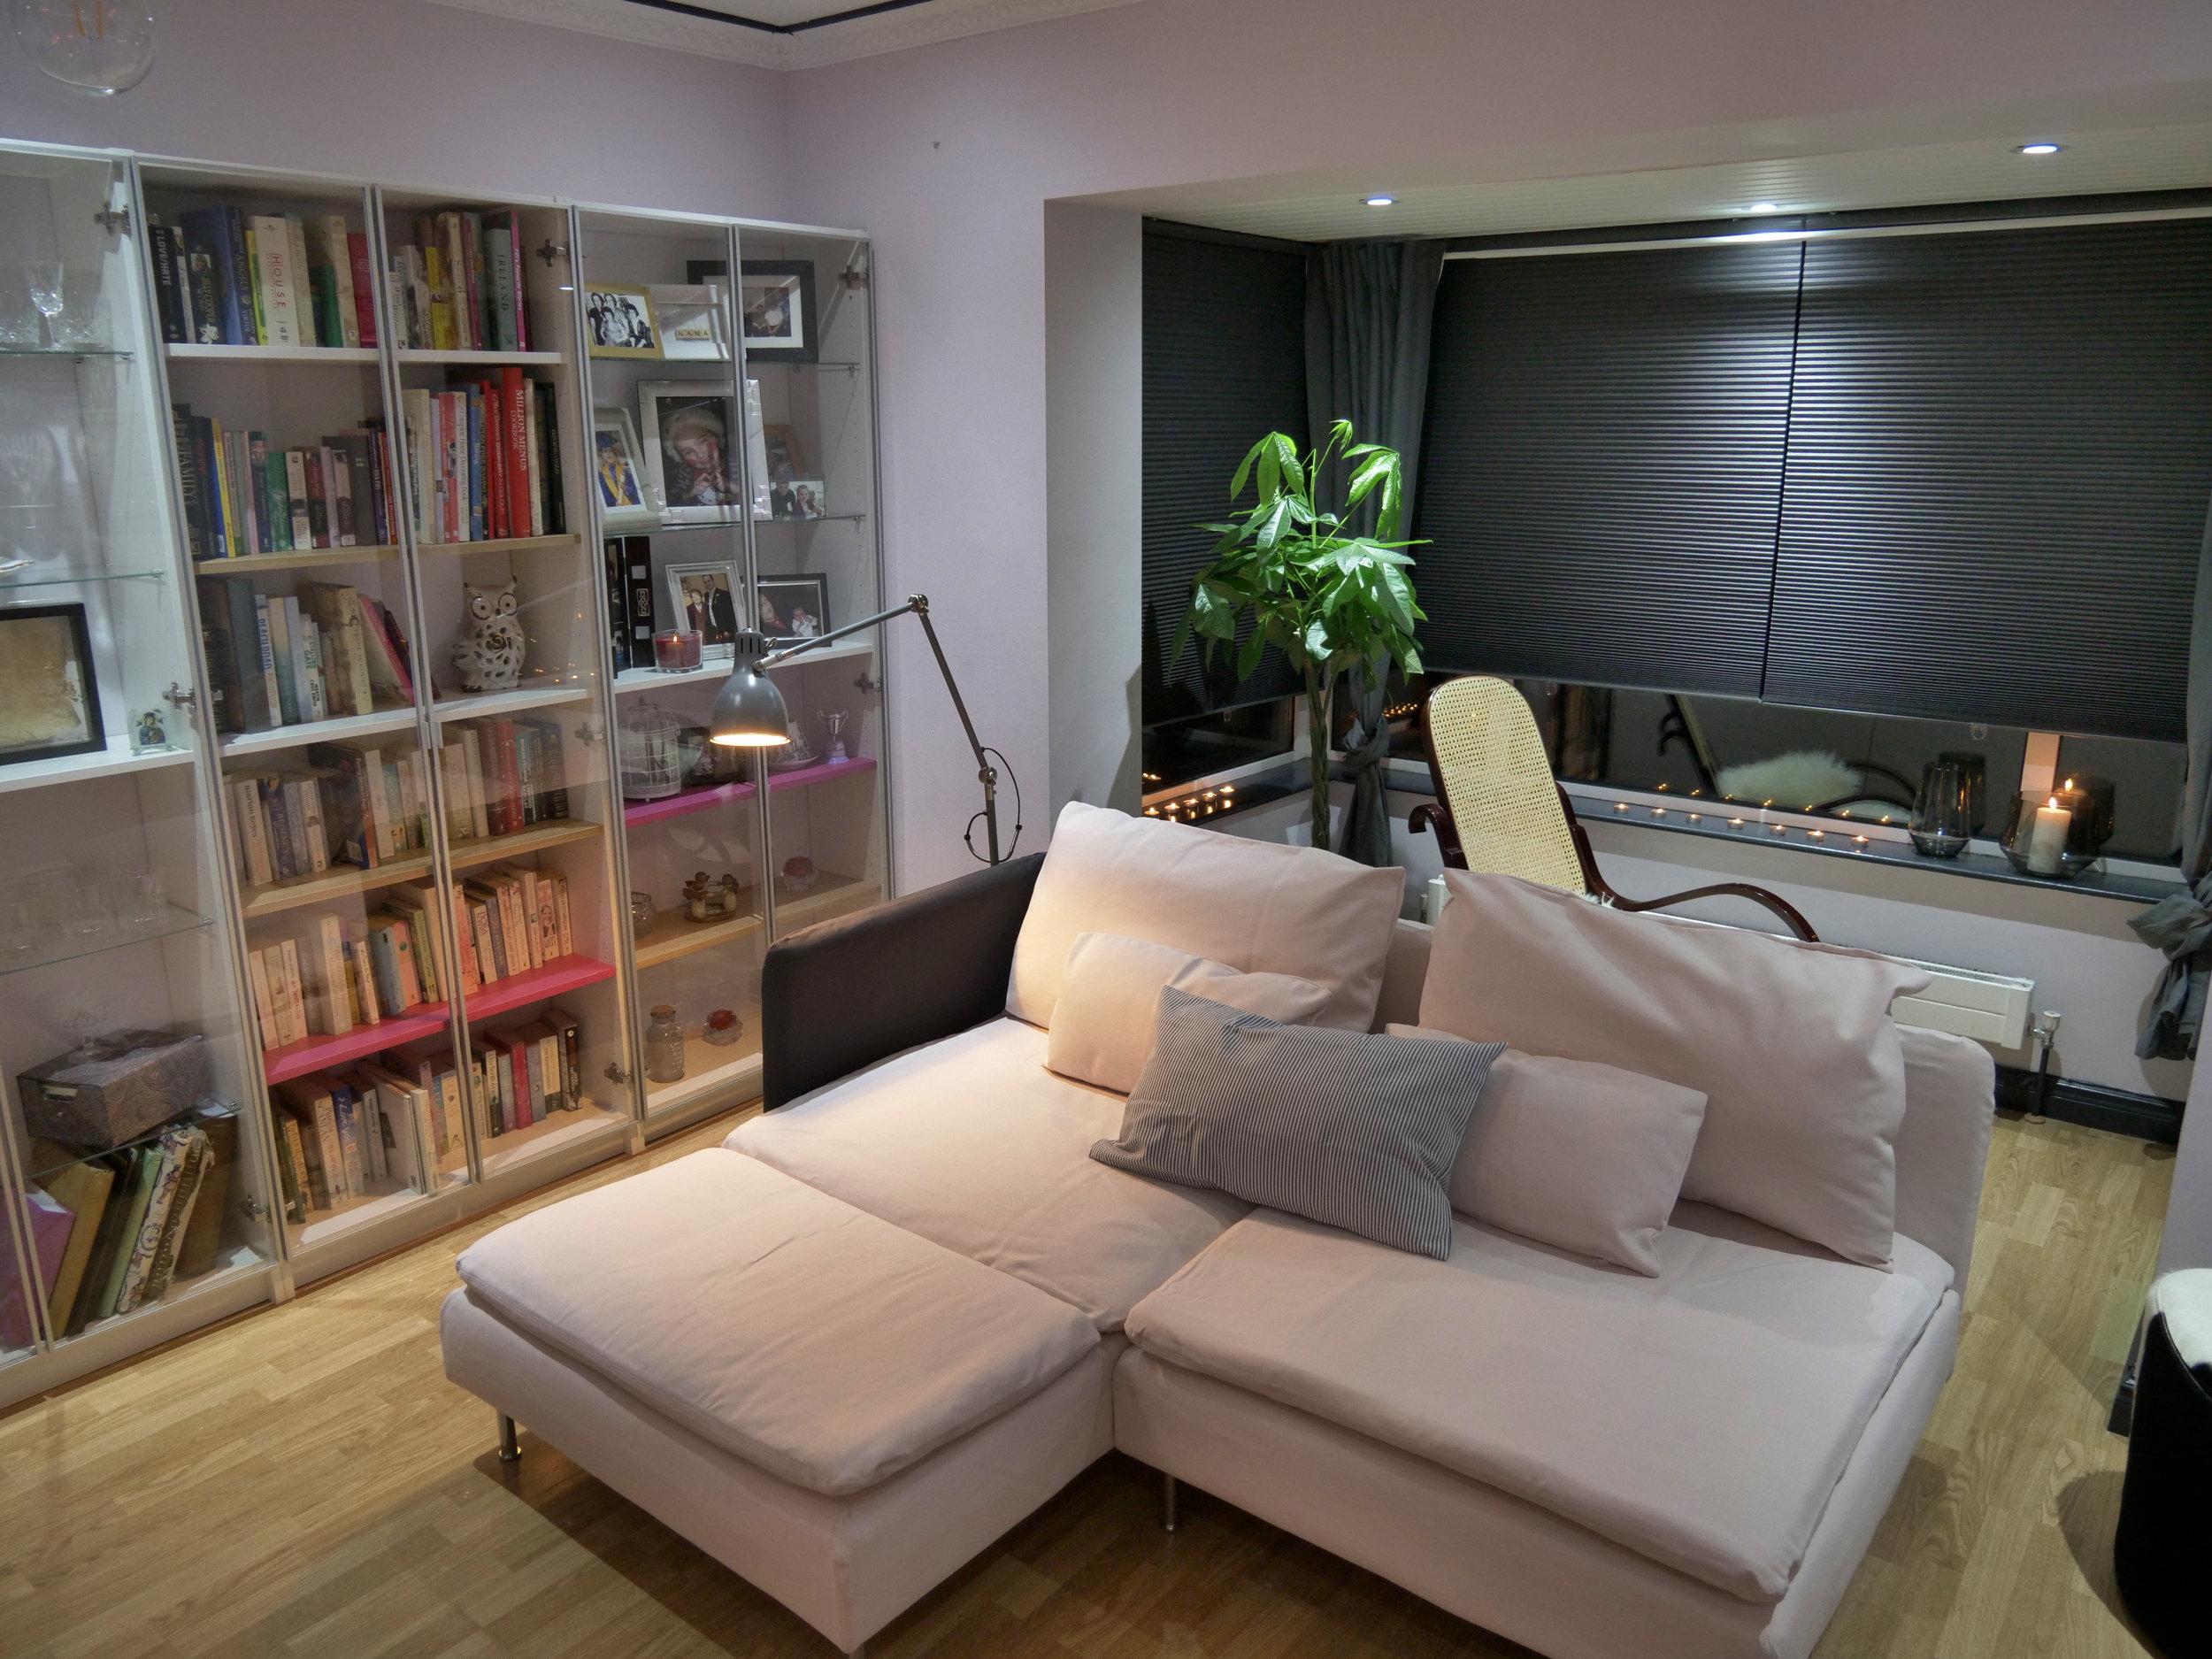 Killybegs---Living-Room---After-5.jpg